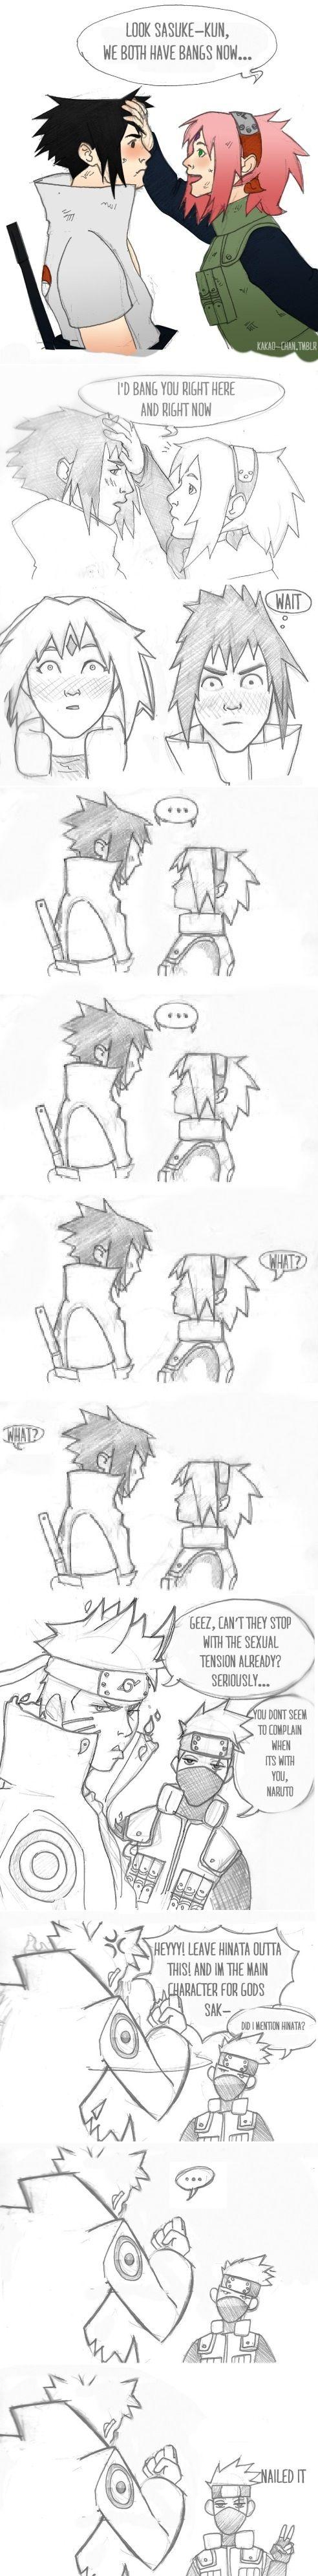 Sasuke and Sakura, Naruto and Hinata. Oh Kakashi!